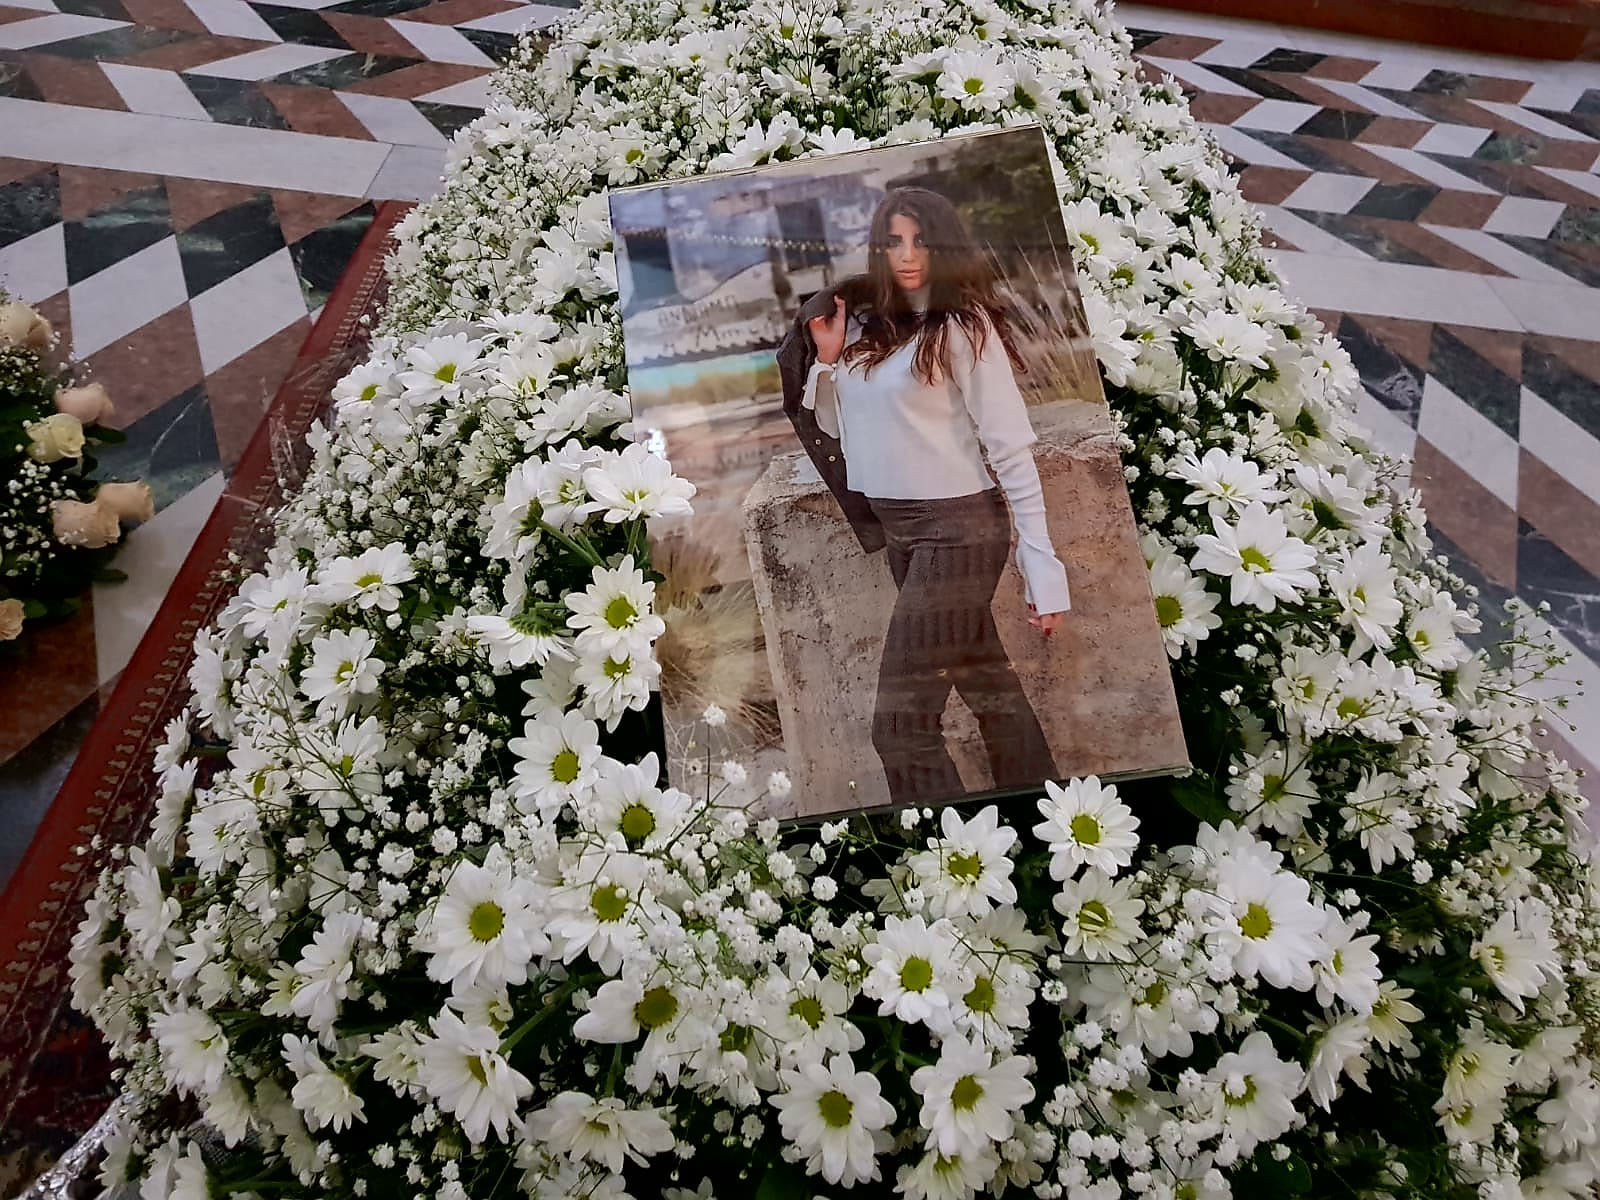 Saranno celebrati oggi al Duomo i funerali di Margherita Rosso